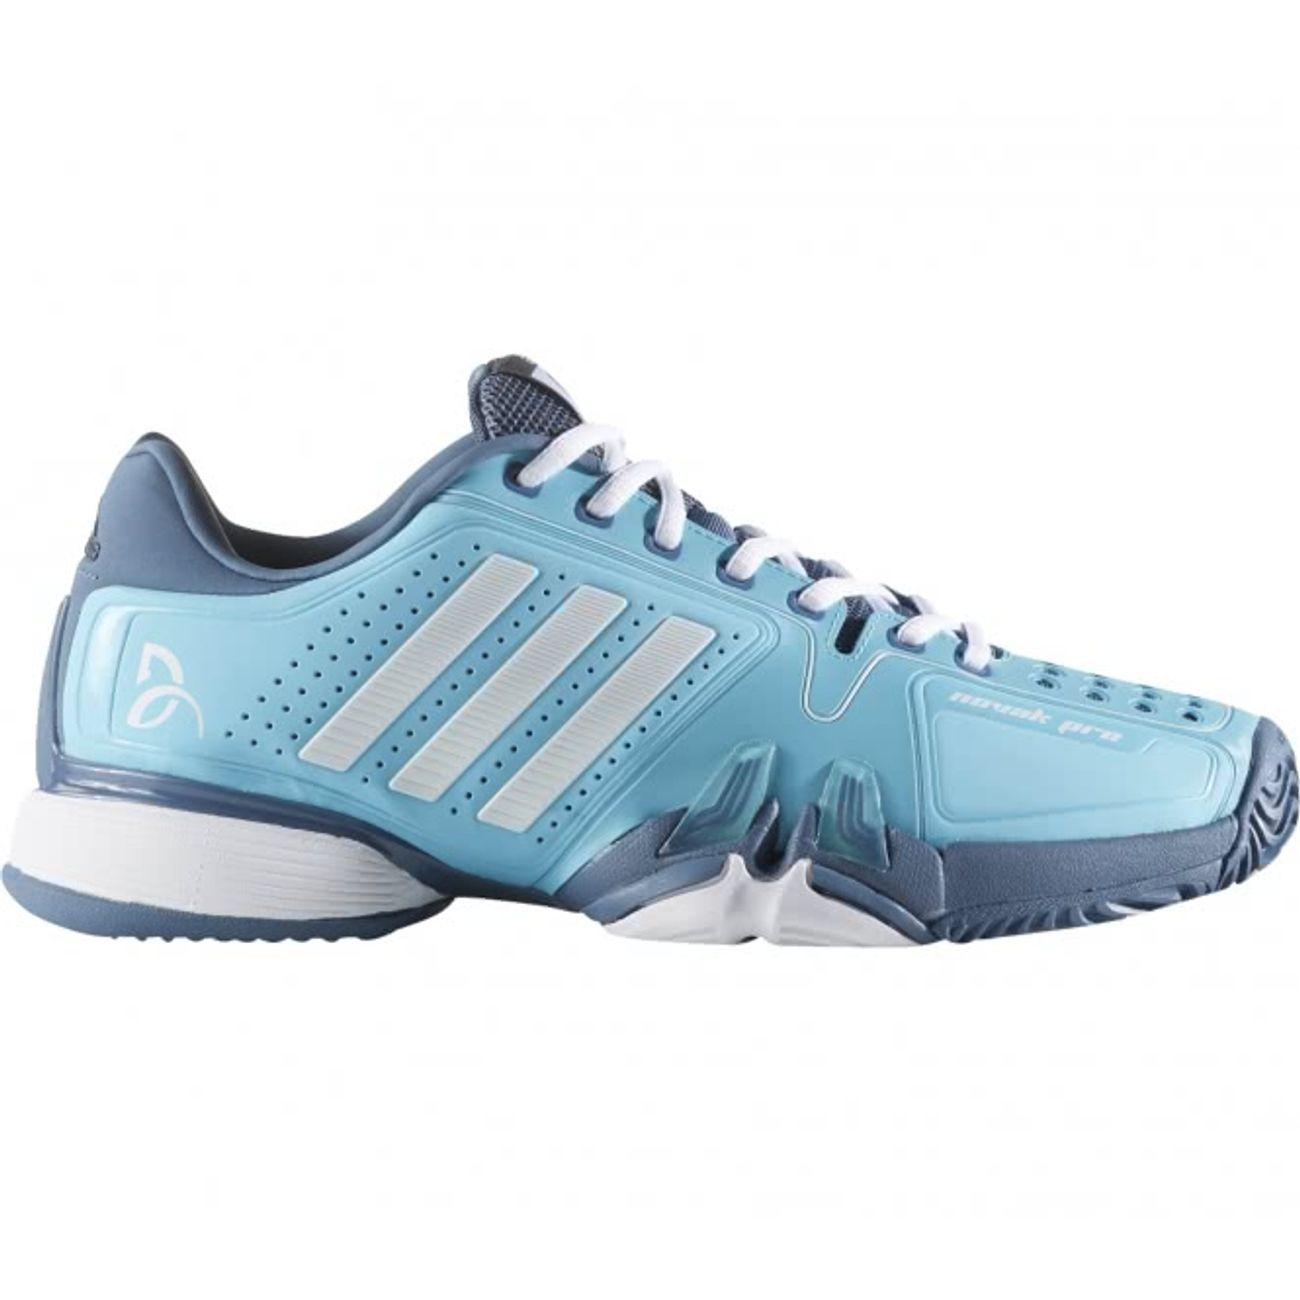 100% authentic 81bd1 09a48 Tennis homme ADIDAS Adidas - Novak Pro Synthetic chaussures de tennis pour  hommes (bleu clair